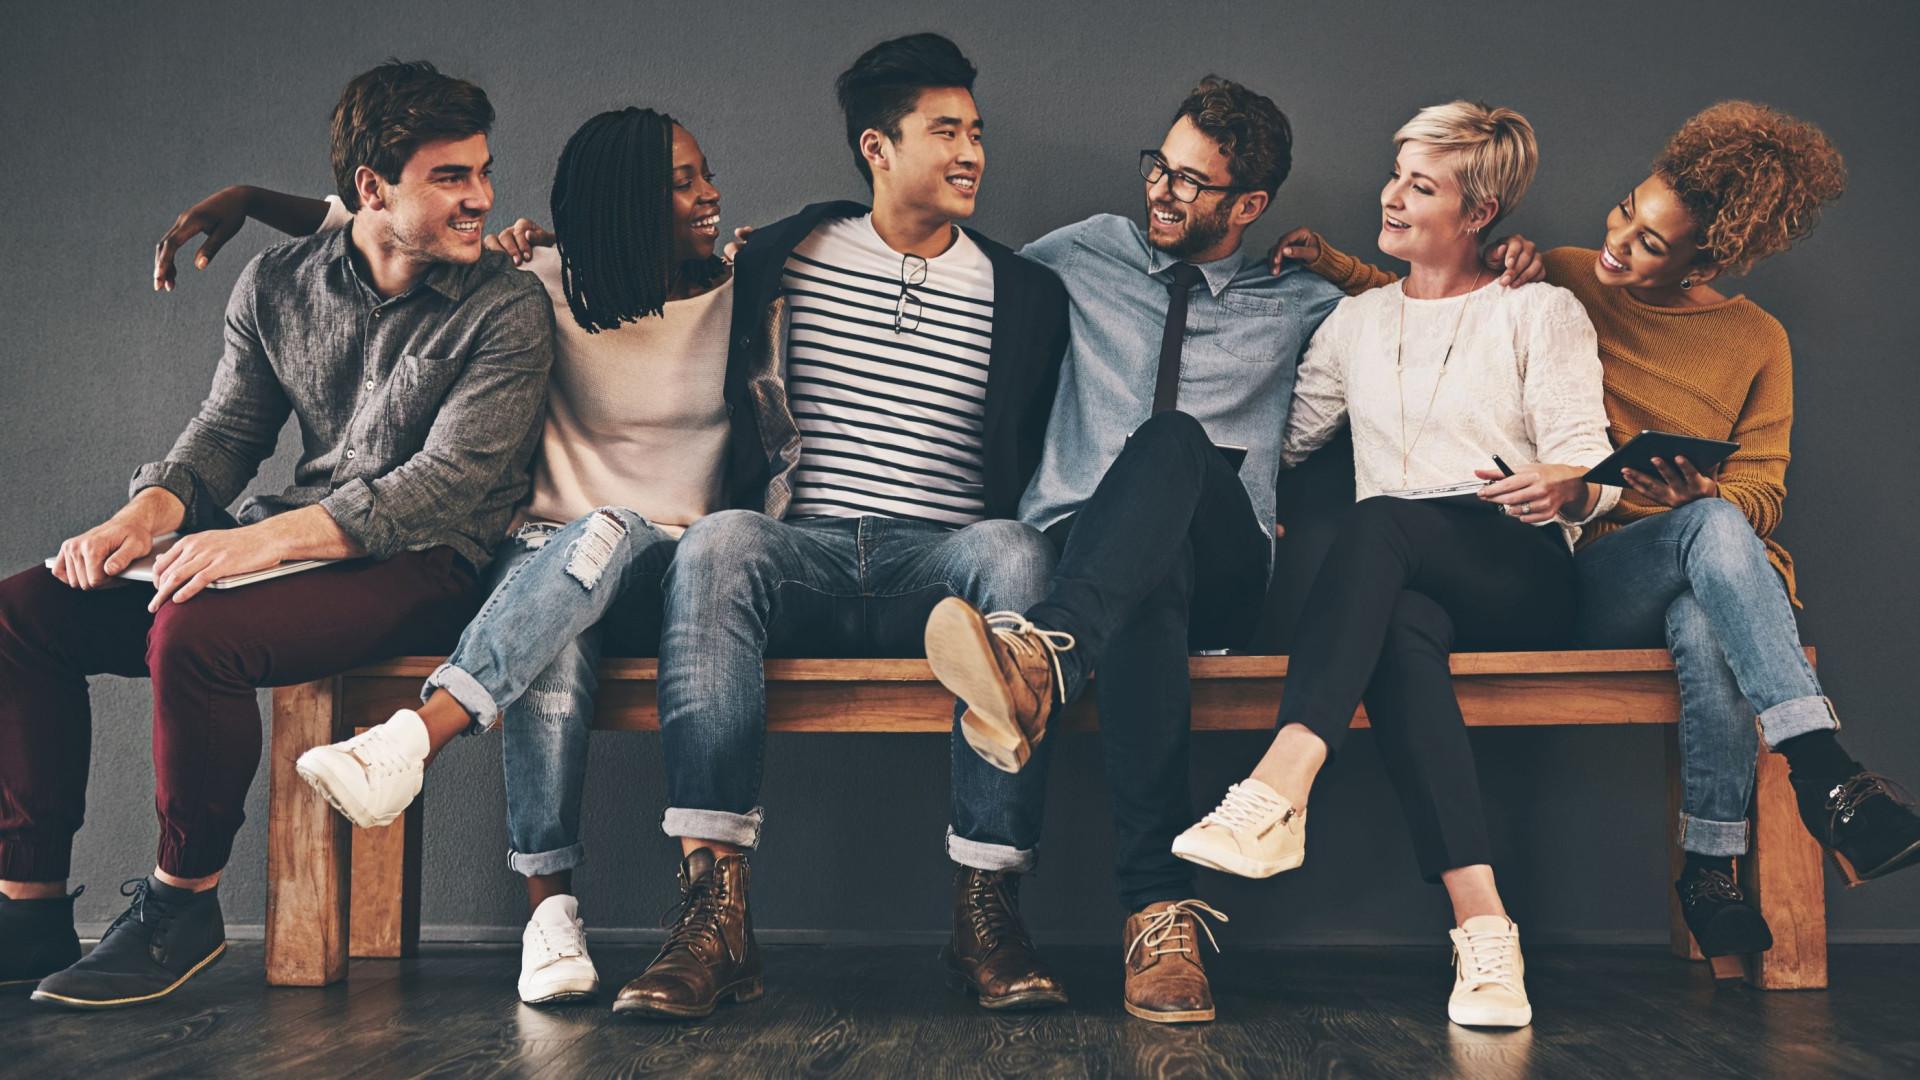 Somos todos diferentes, mas há apenas quatro tipos de personalidades